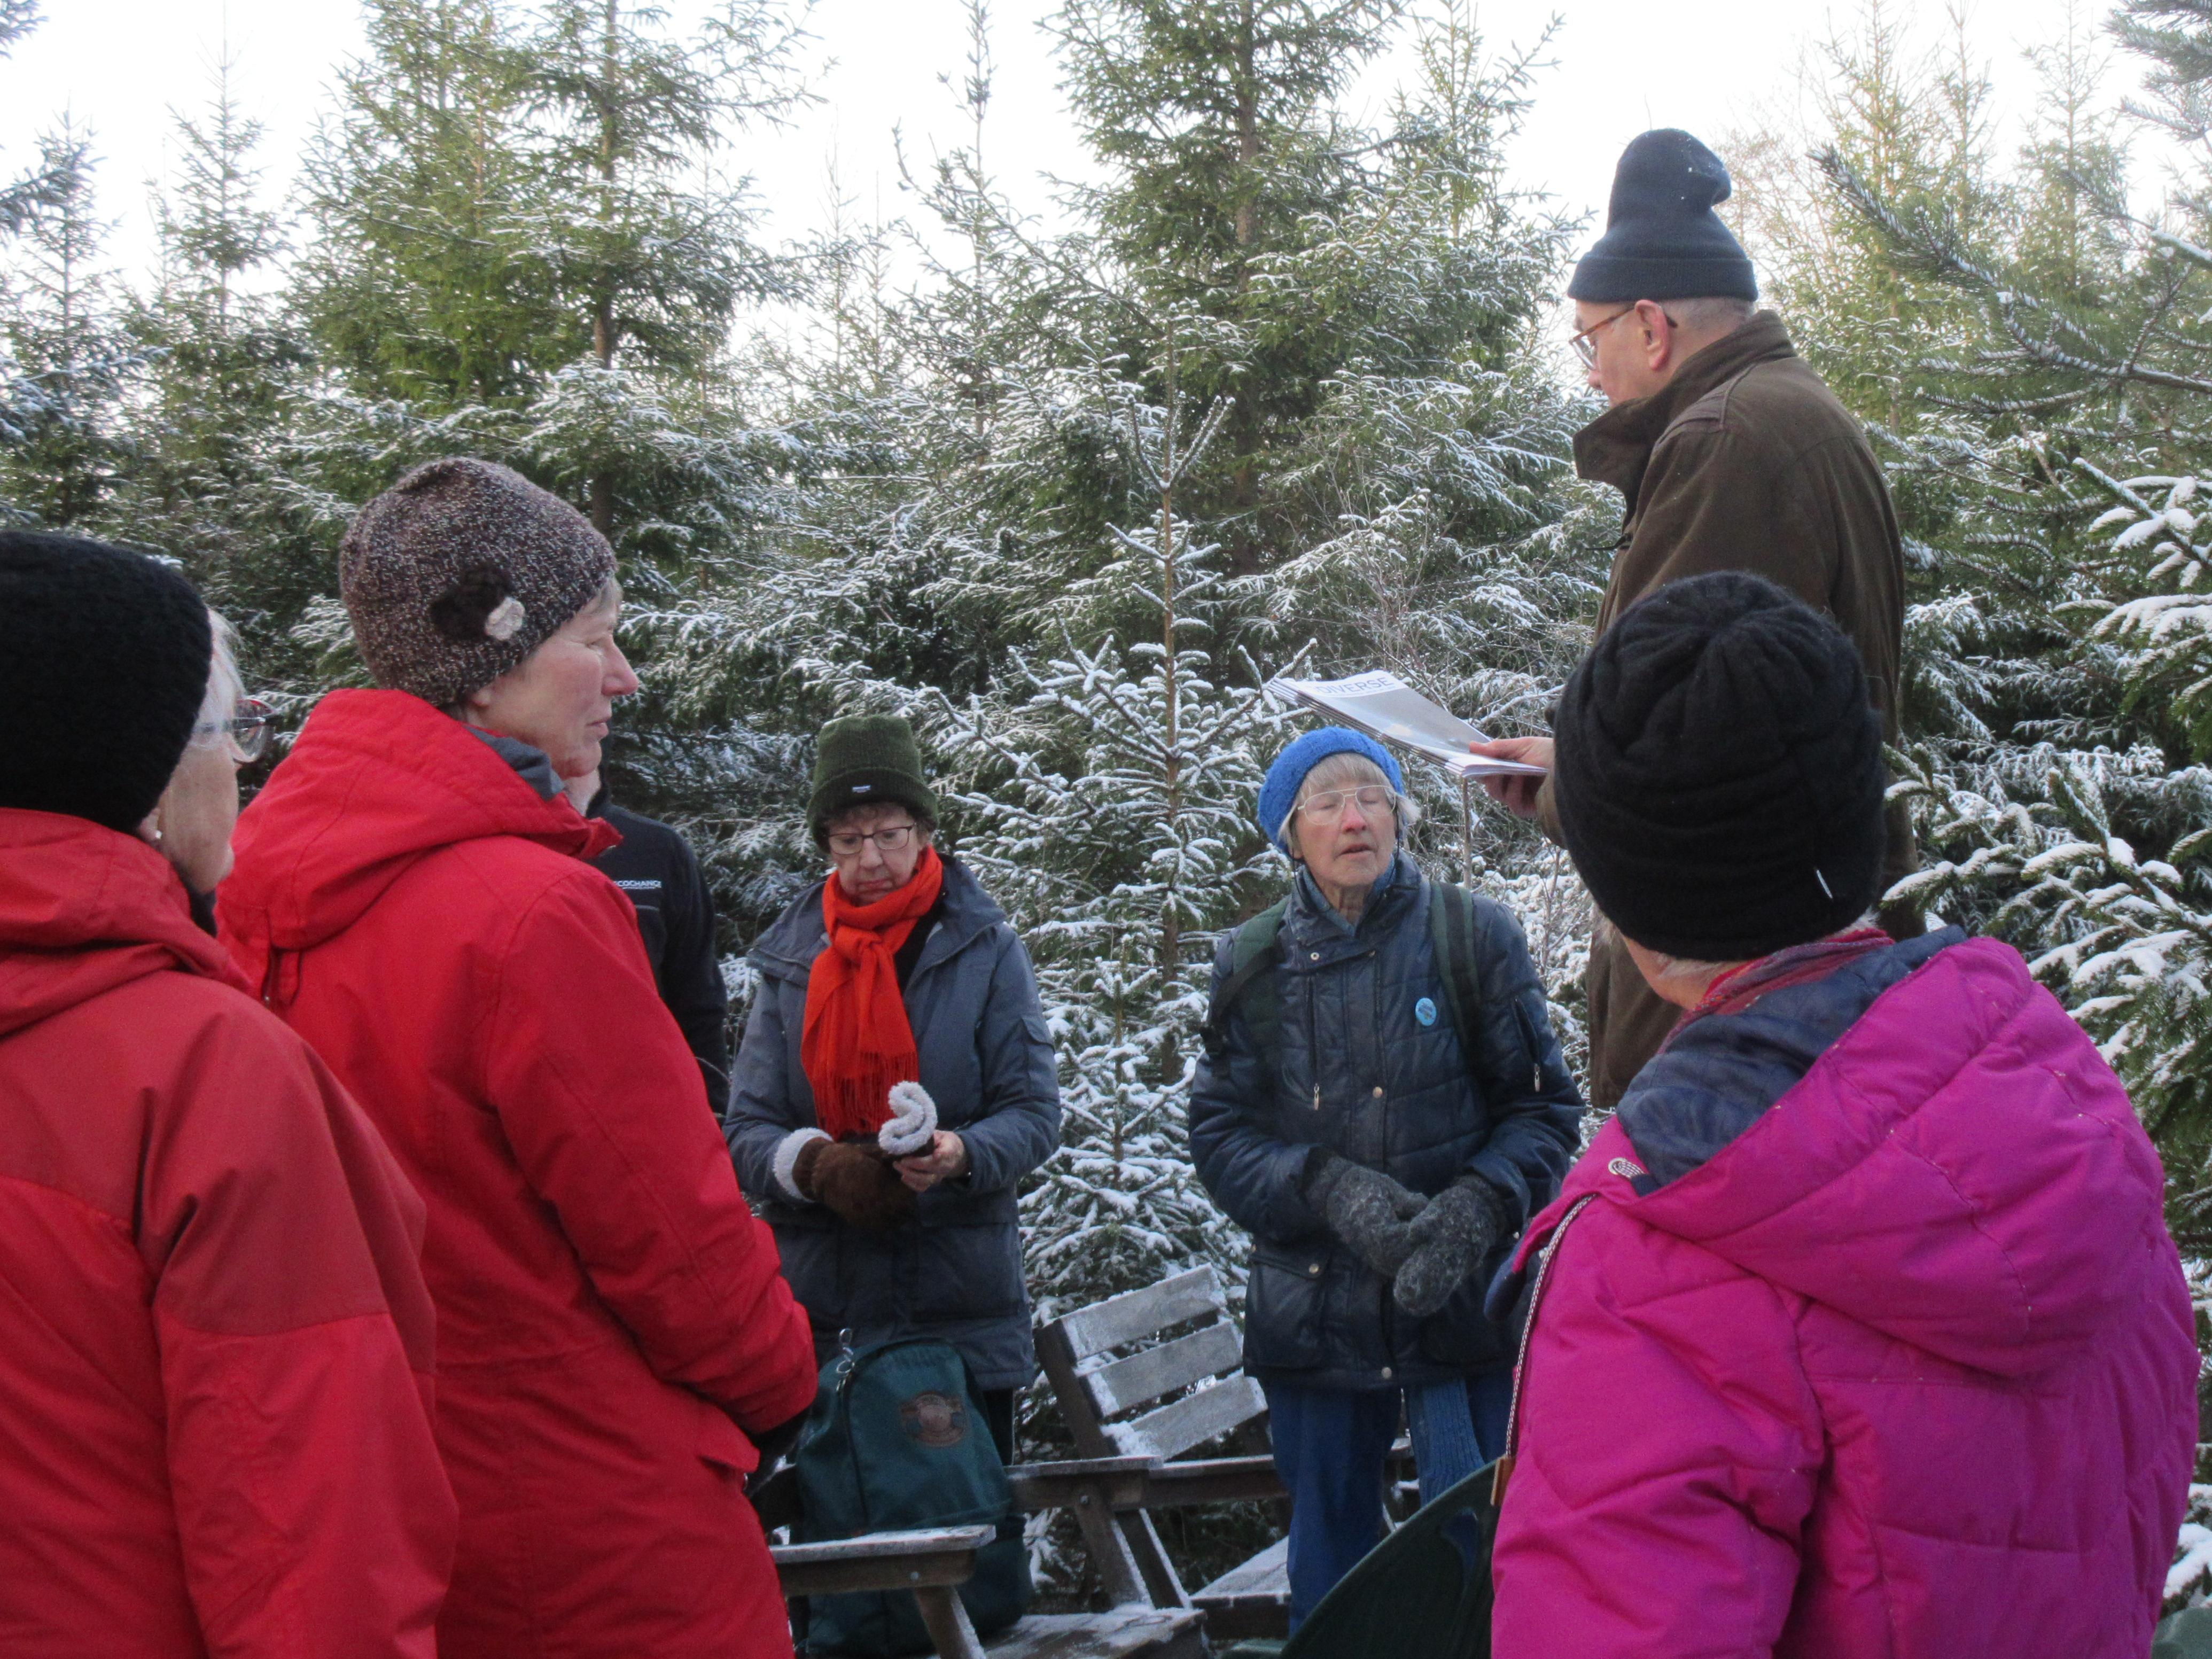 Roland informerade om tidskriften Biodiverse, som är gratis och kan beställas eller läsas på www.biodiverse.se